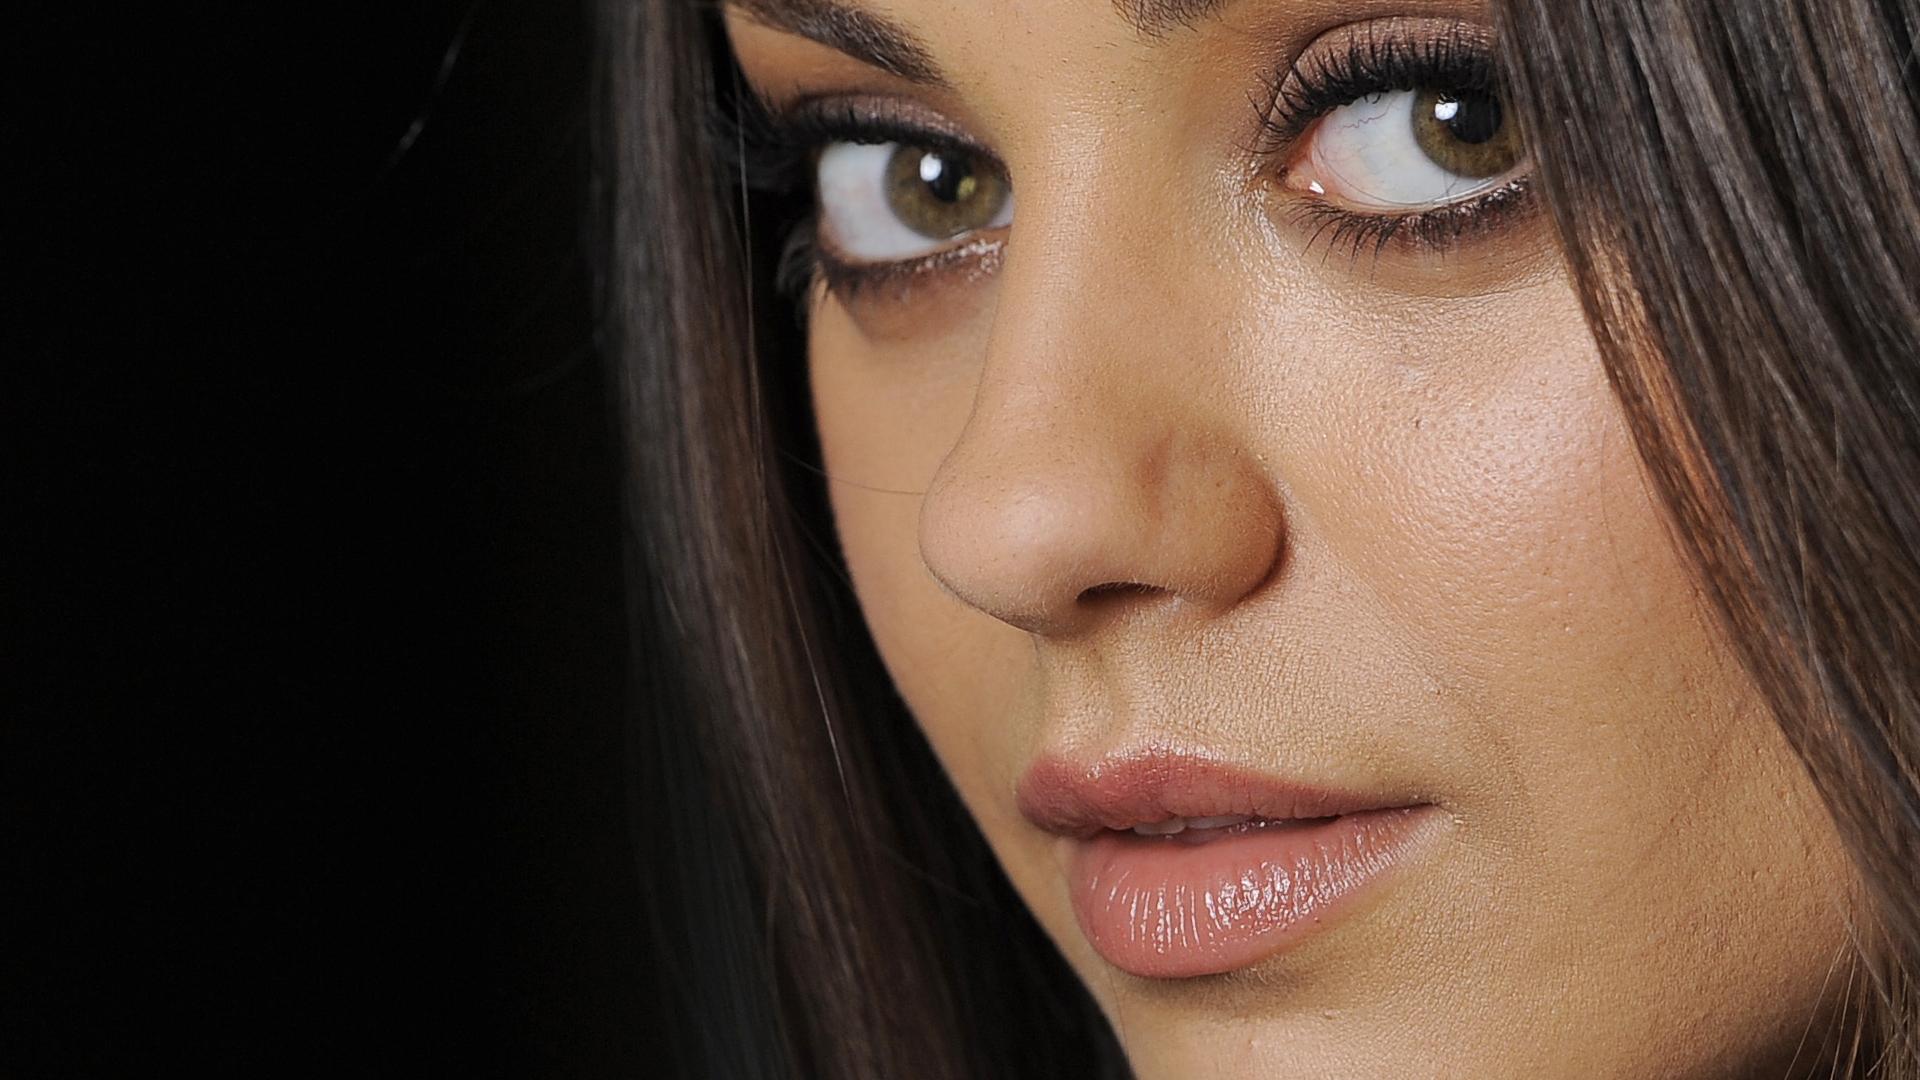 Mila Kunis For Desktop